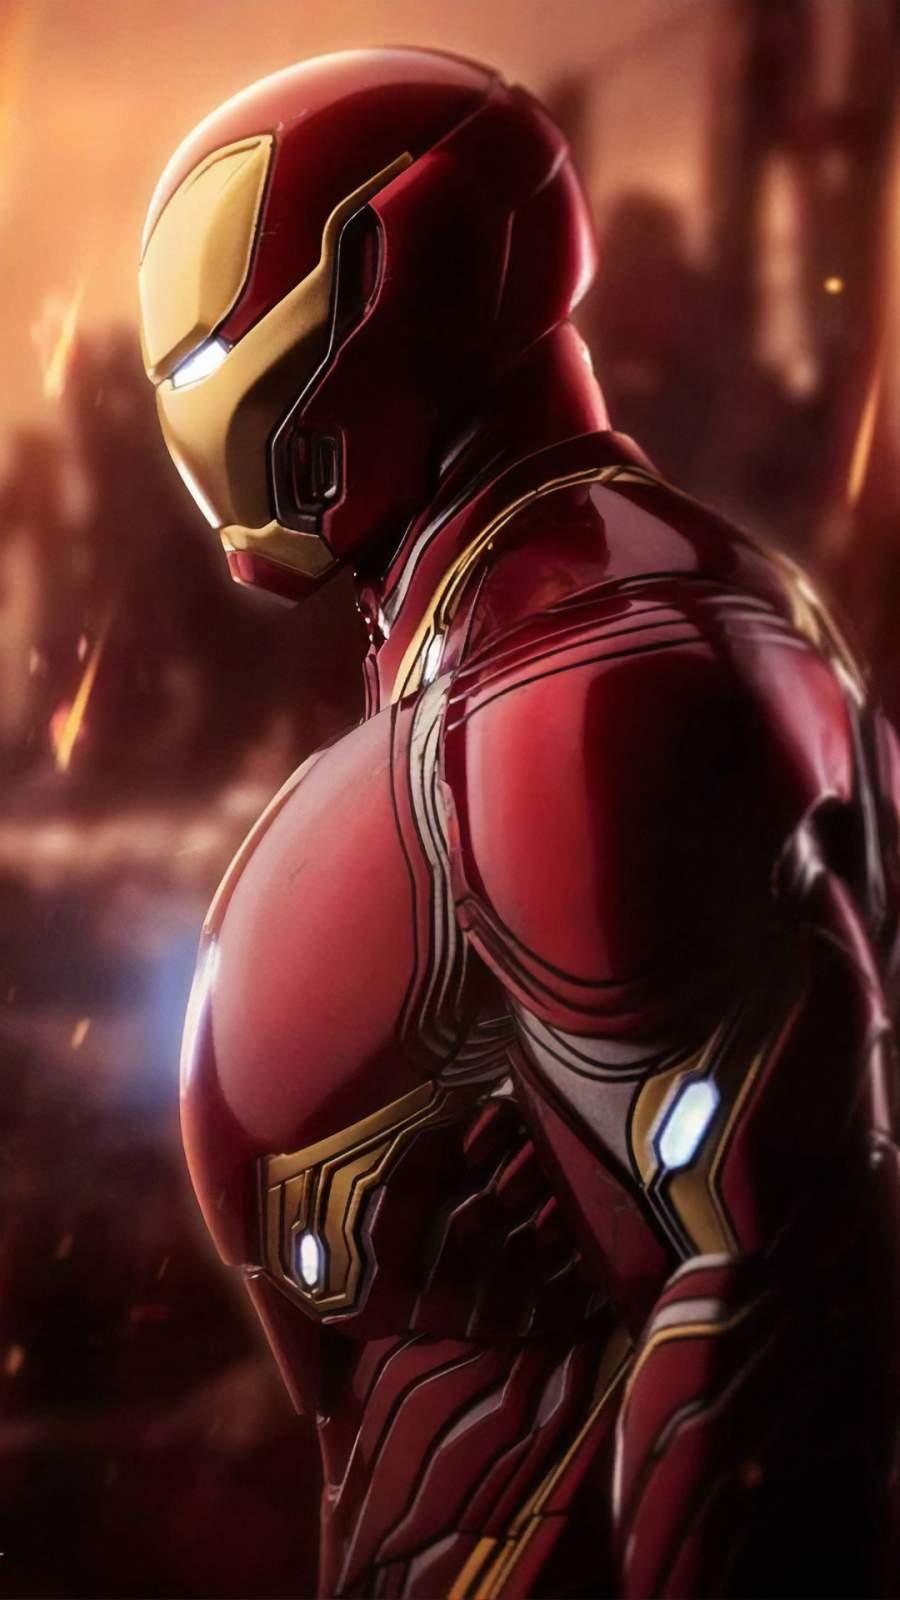 Iron Man Mark 85 Closeup iPhone Wallpaper